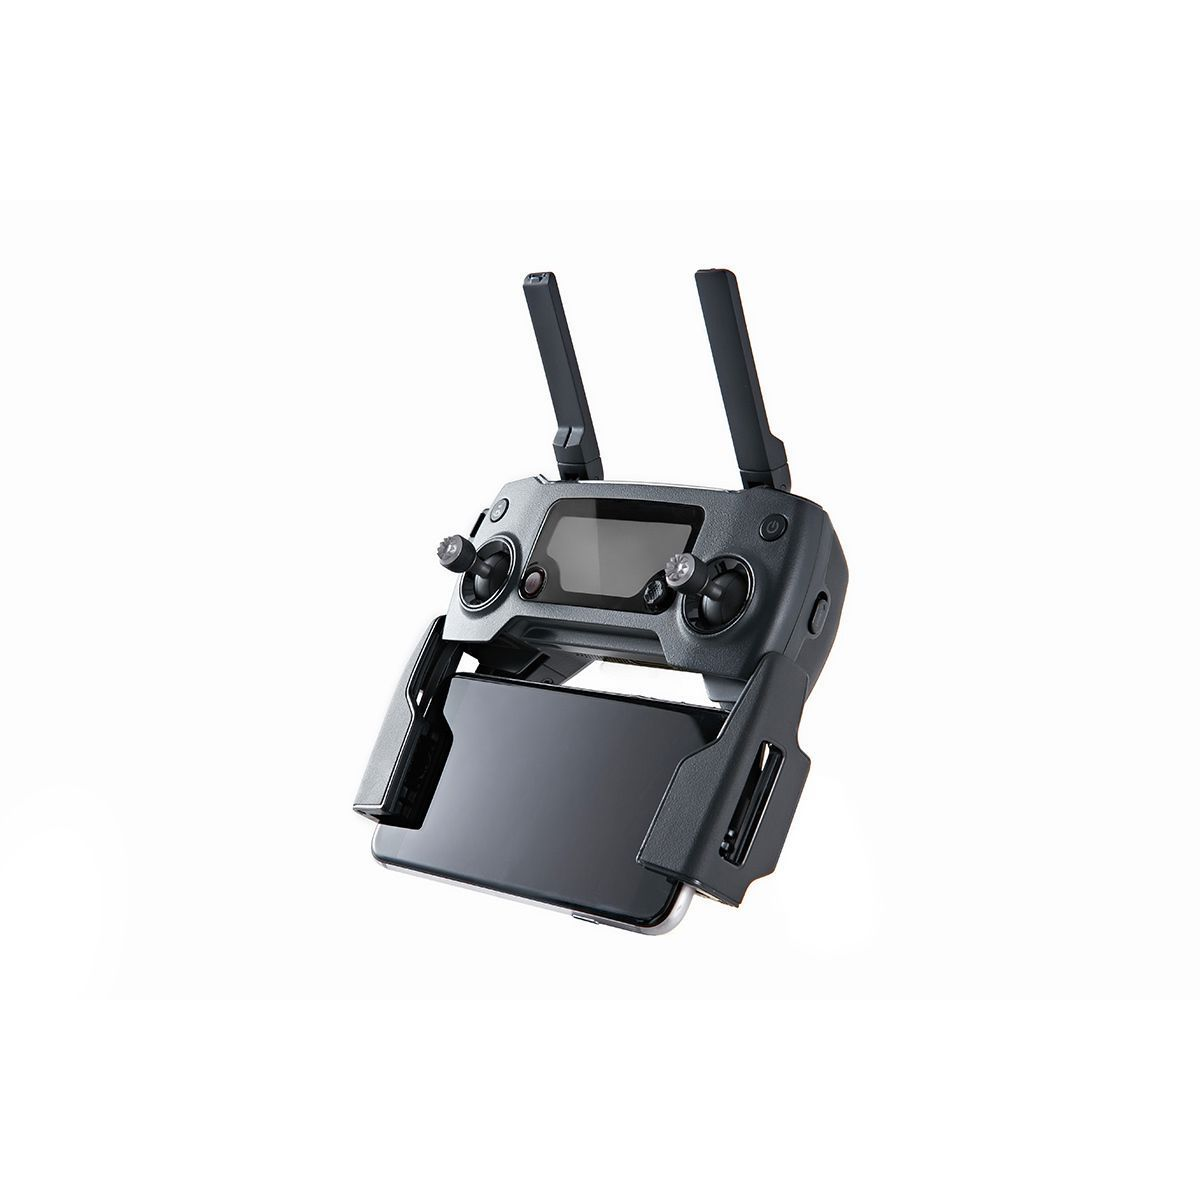 Cable android mavic combo собственными силами шнур тип ц к беспилотнику mavic